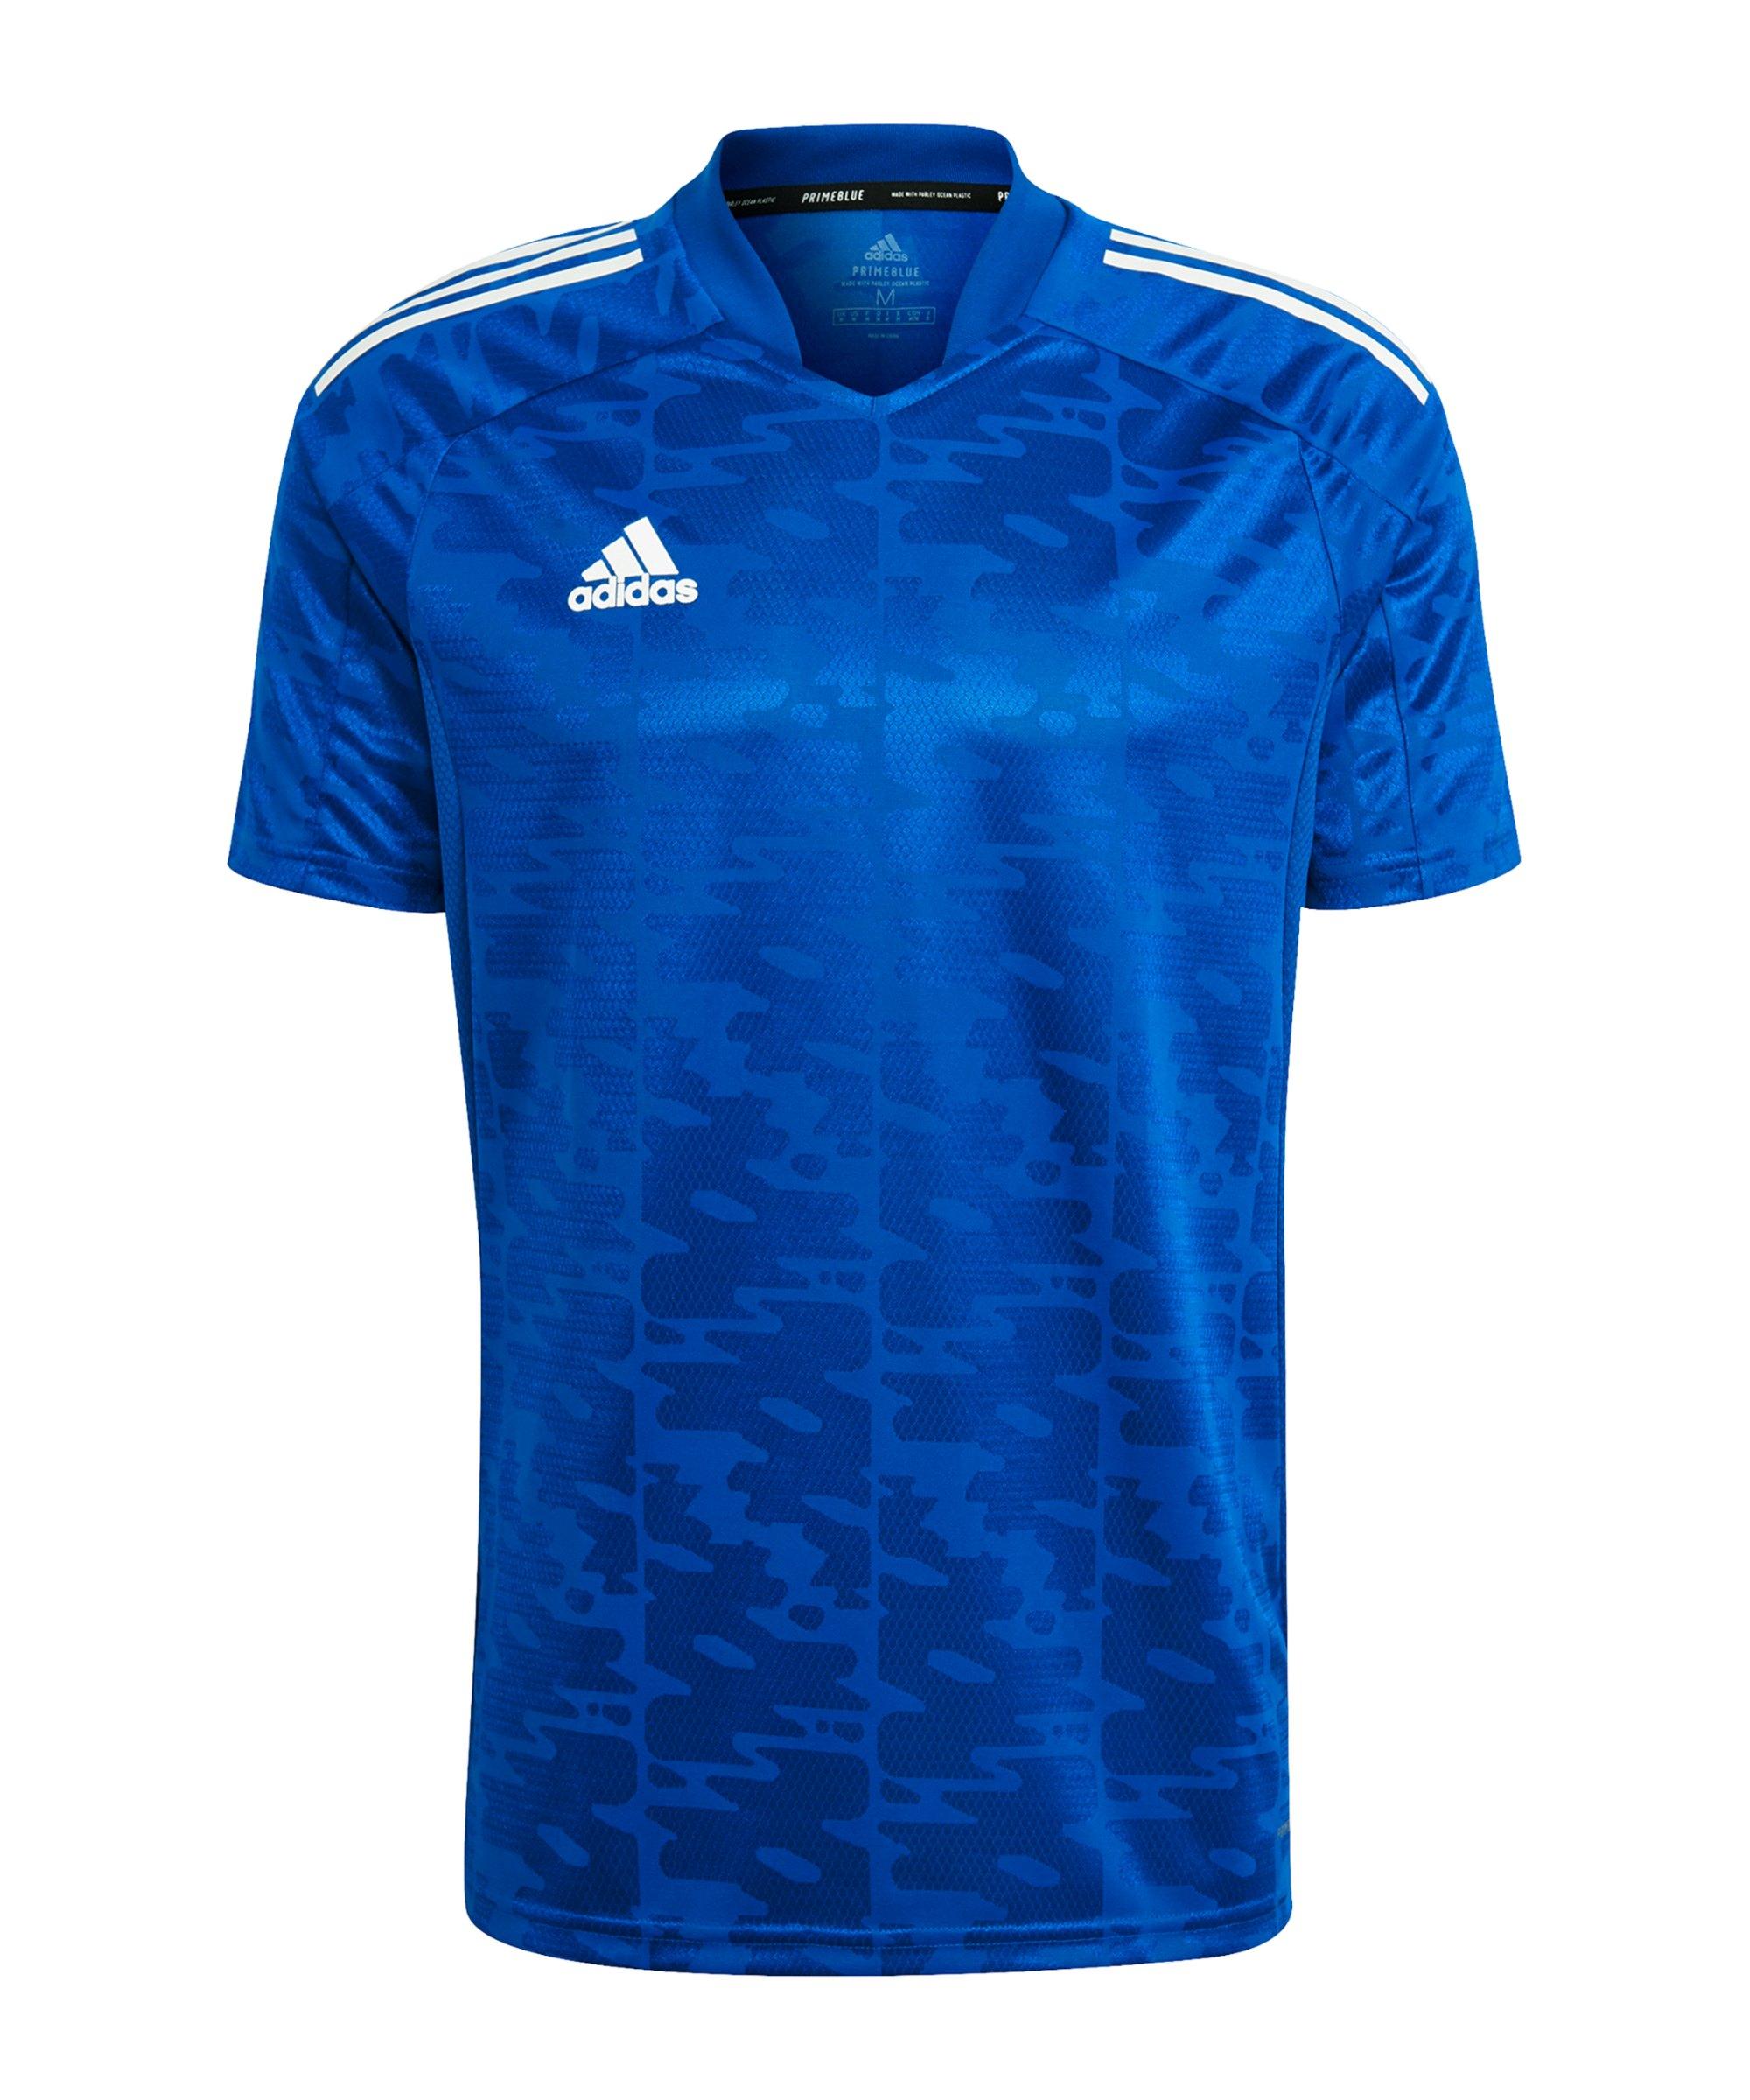 adidas Condivo 21 Trikot Blau Weiss - blau